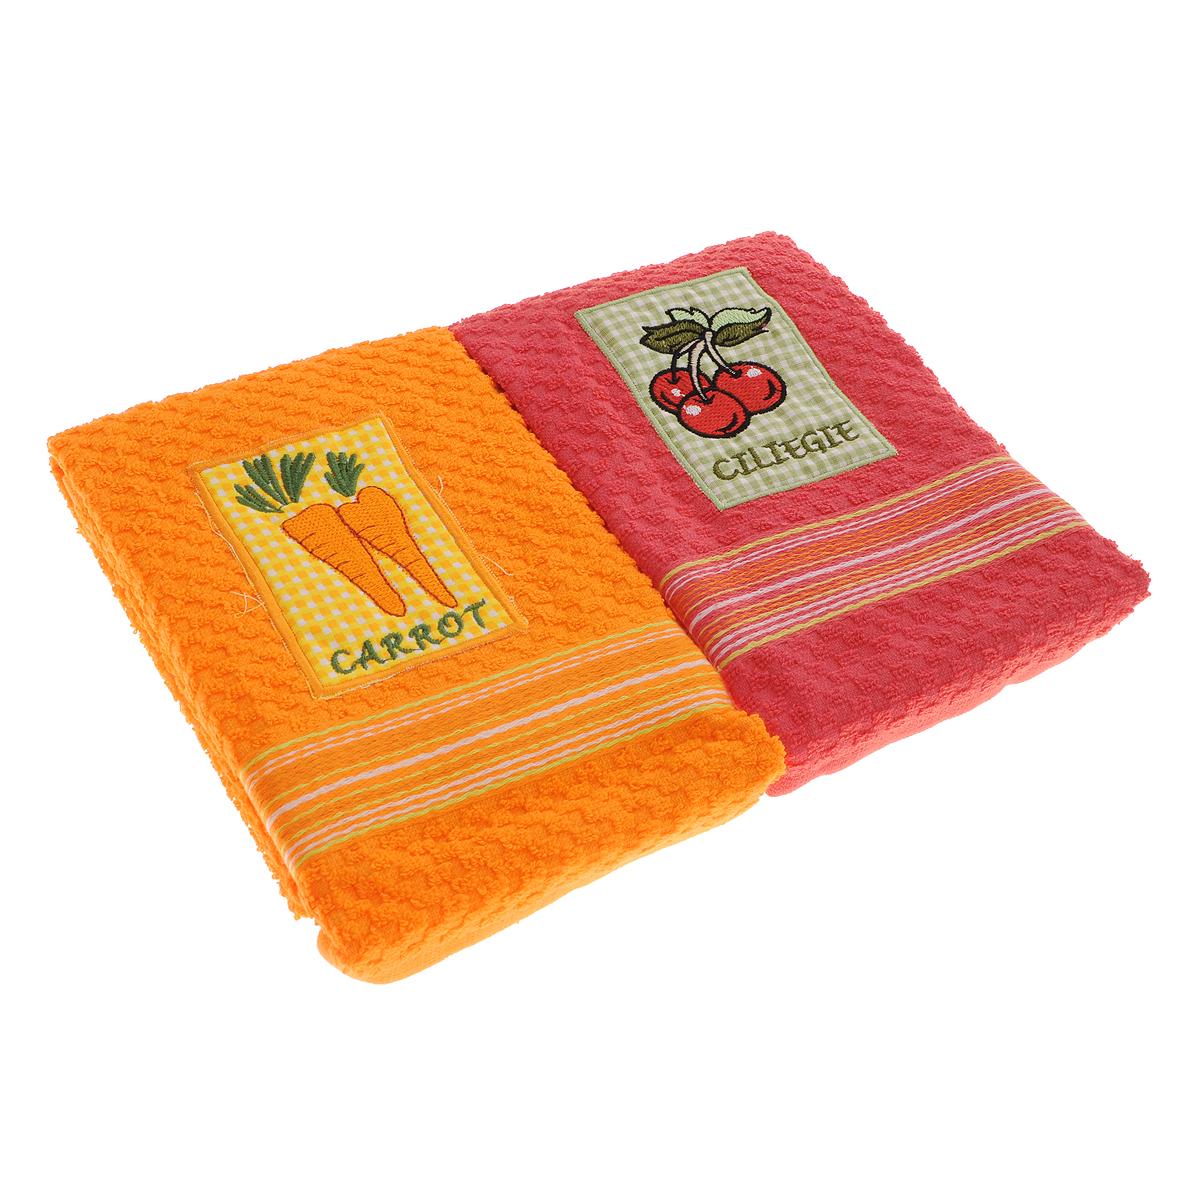 Набор махровых полотенец Bonita Морковь. Вишня, 40 см х 60 см, 2 шт1036Набор полотенец Bonita Морковь. Вишня, изготовленный из натурального хлопка, идеально дополнит интерьер вашей кухни и создаст атмосферу уюта и комфорта. В набор входят два махровых полотенца, оформленных вышивкой в виде моркови и вишни.Изделия выполнены из натурального материала, поэтому являются экологически чистыми. Высочайшее качество материала гарантирует безопасность не только взрослых, но и самых маленьких членов семьи. Современный декоративный текстиль для дома должен быть экологически чистым продуктом и отличаться ярким и современным дизайном. Кухня, столовая, гостиная - то место в доме, где хочется собраться всем вместе, ощутить радость и уют. И немалая доля этого уюта зависит от подобранных под вашу мебель, и что уж говорить, под ваше настроение - полотенец, скатертей, салфеток и прочих милых мелочей. Bonita предлагает коллекции готовых стилистических решений для различной кухонной мебели, множество видов, рисунков и цветов. Вам легко будет создать нужную атмосферу на кухне и в столовой с товарами Bonita.